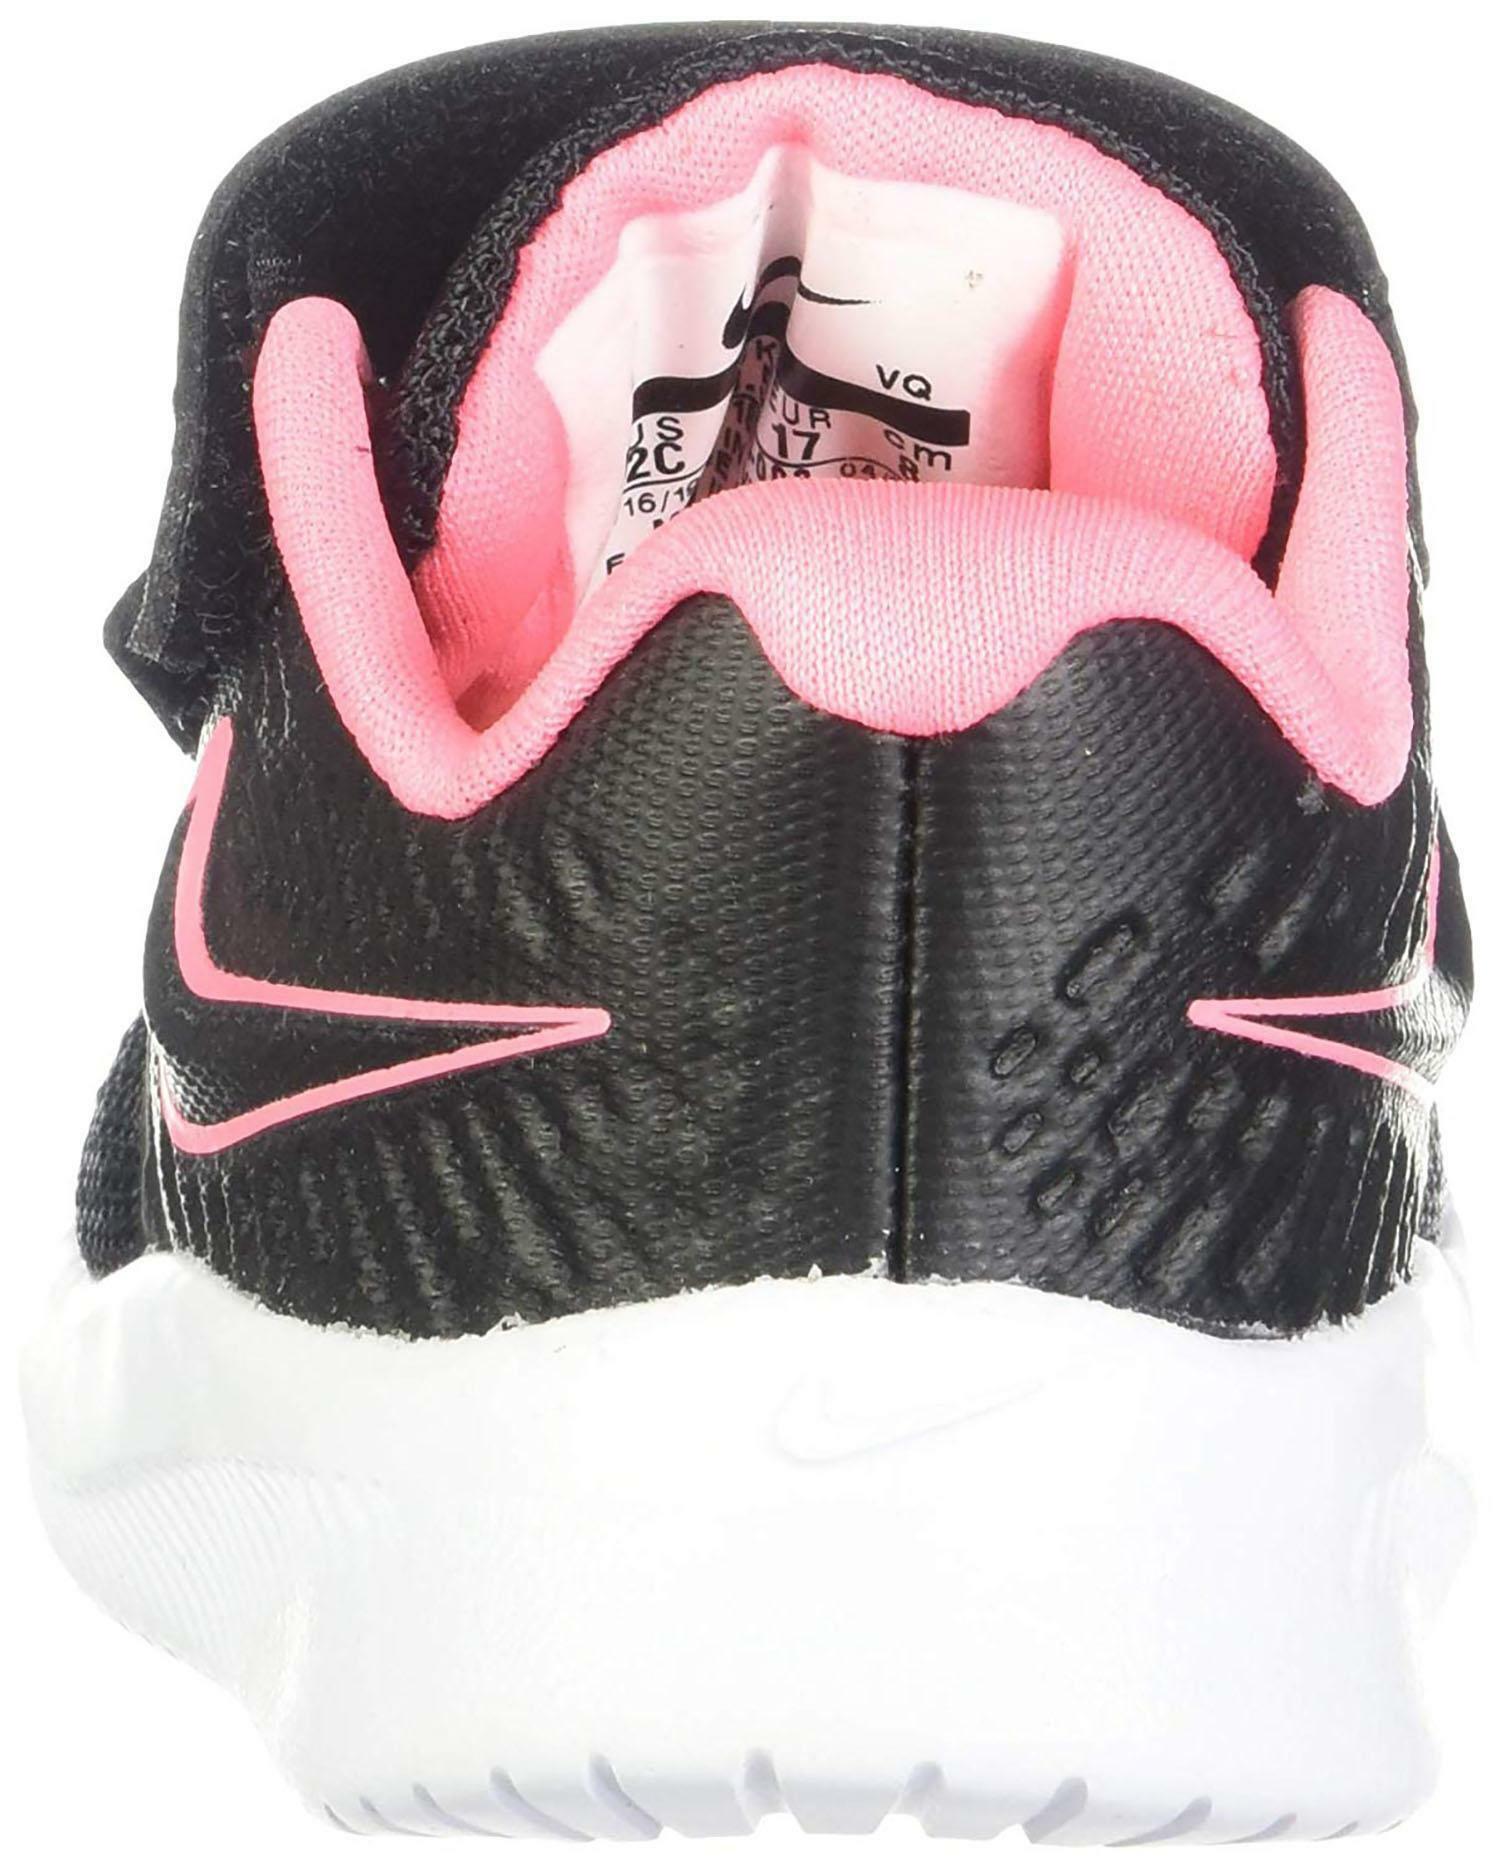 Sportive At1803002 Tdv Bambina 2 Nike Scarpe Runner Star Nere 45AL3jRq